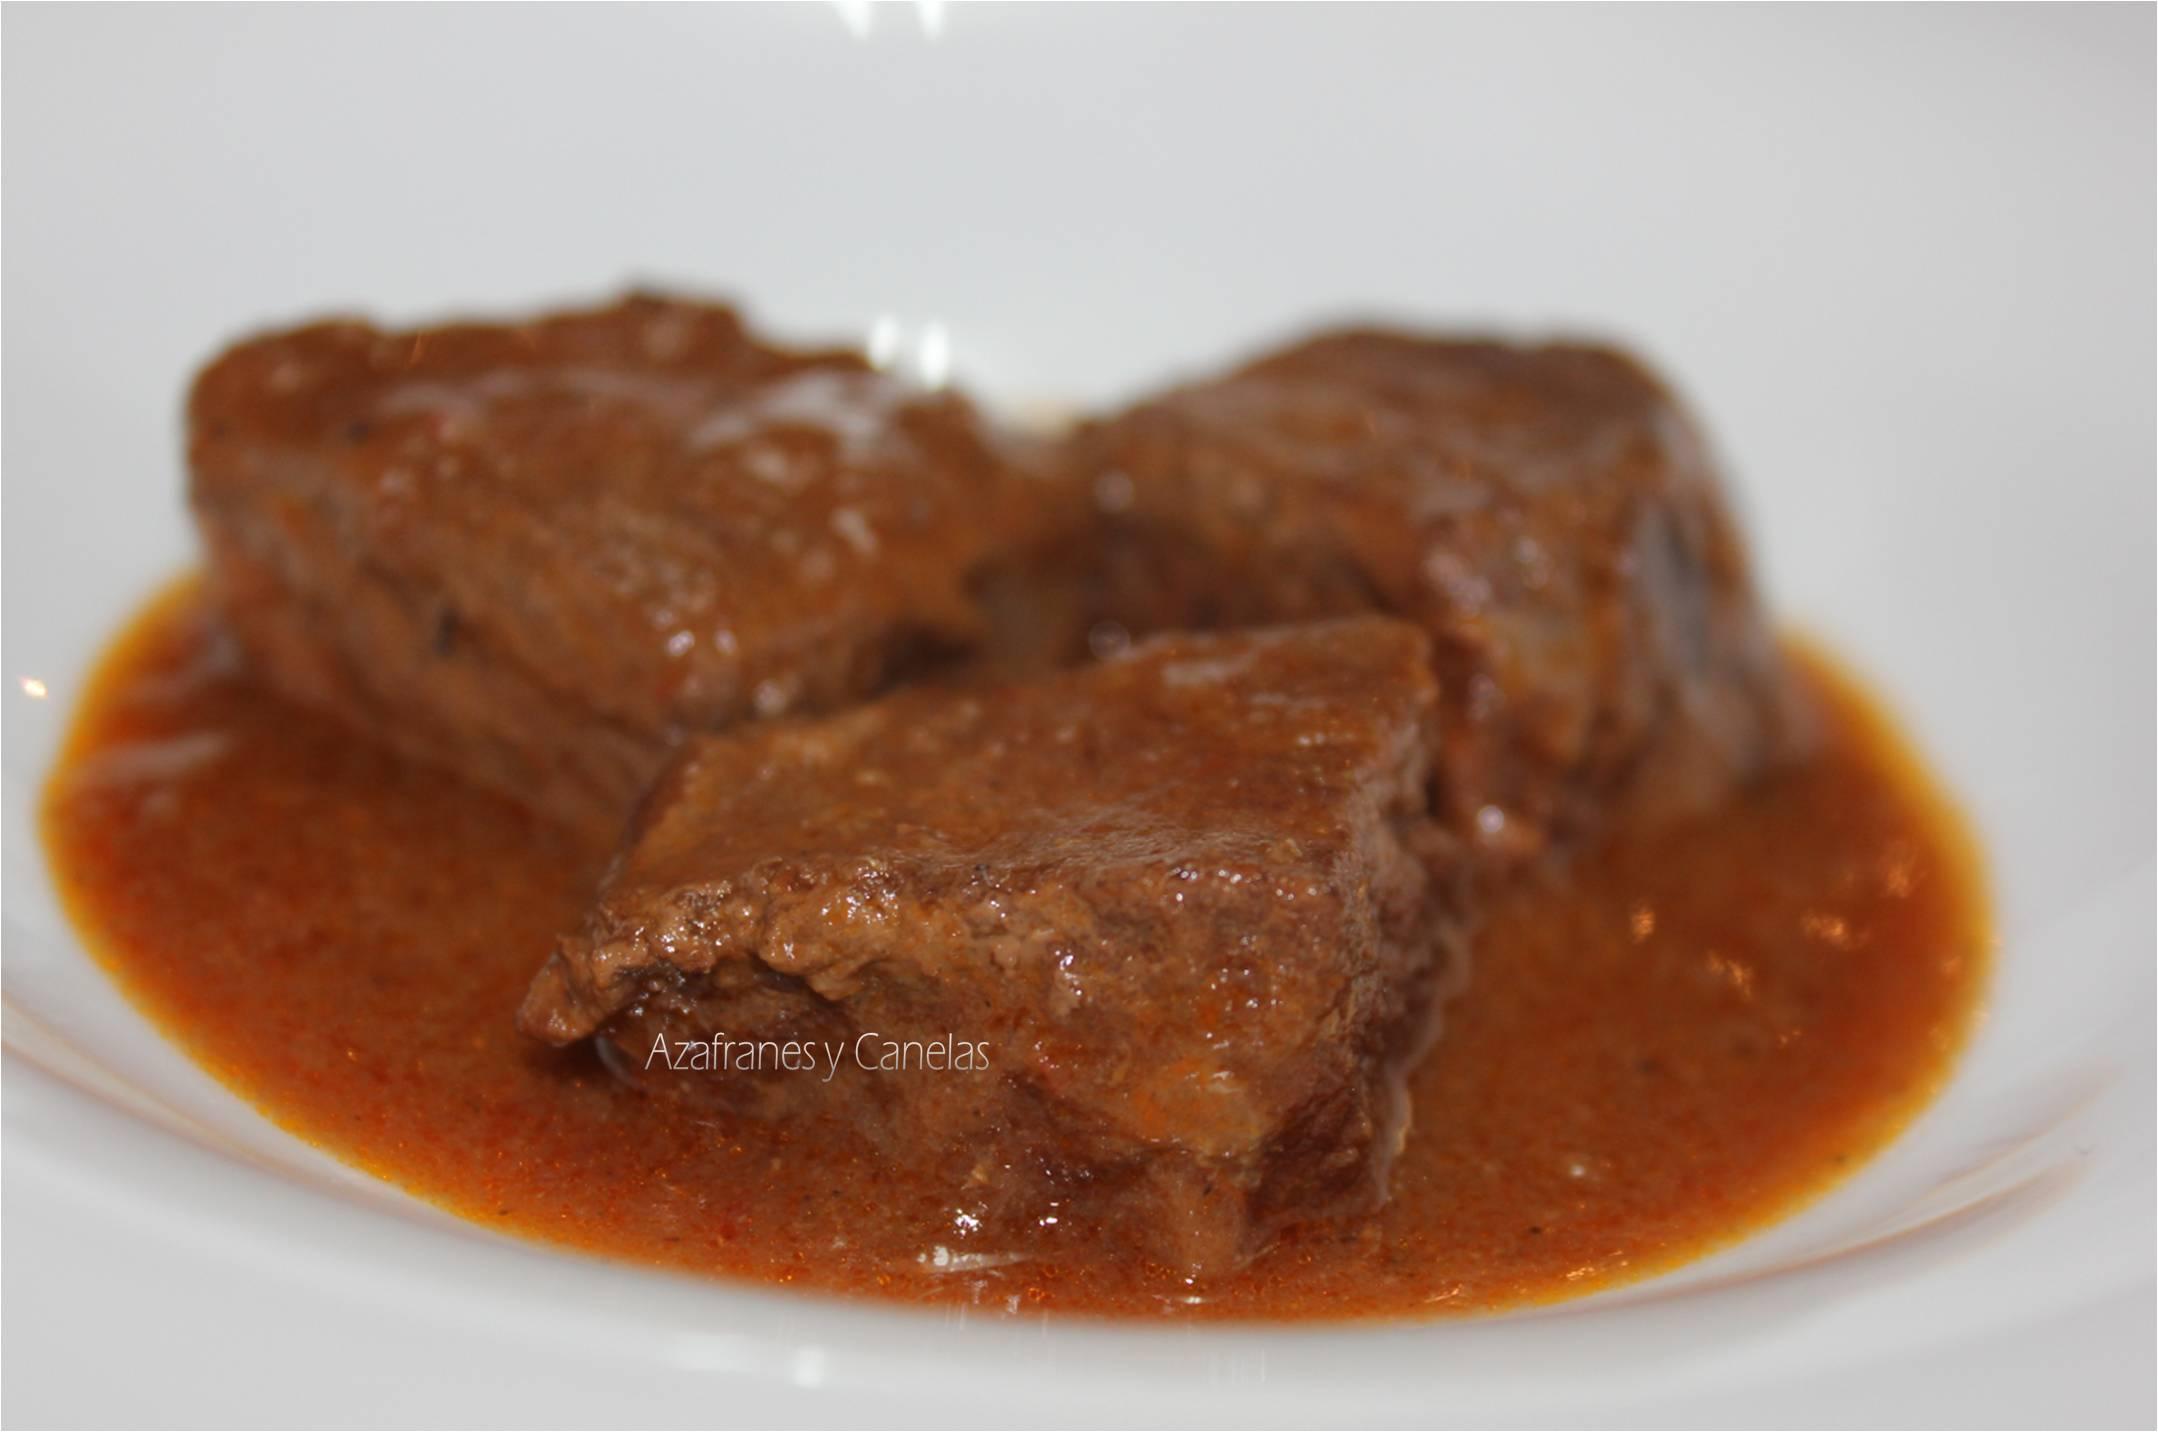 Cocinar Jabali Arguiñano | Caldereta De Jabali Azafranes Y Canelas Receta Canal Cocina